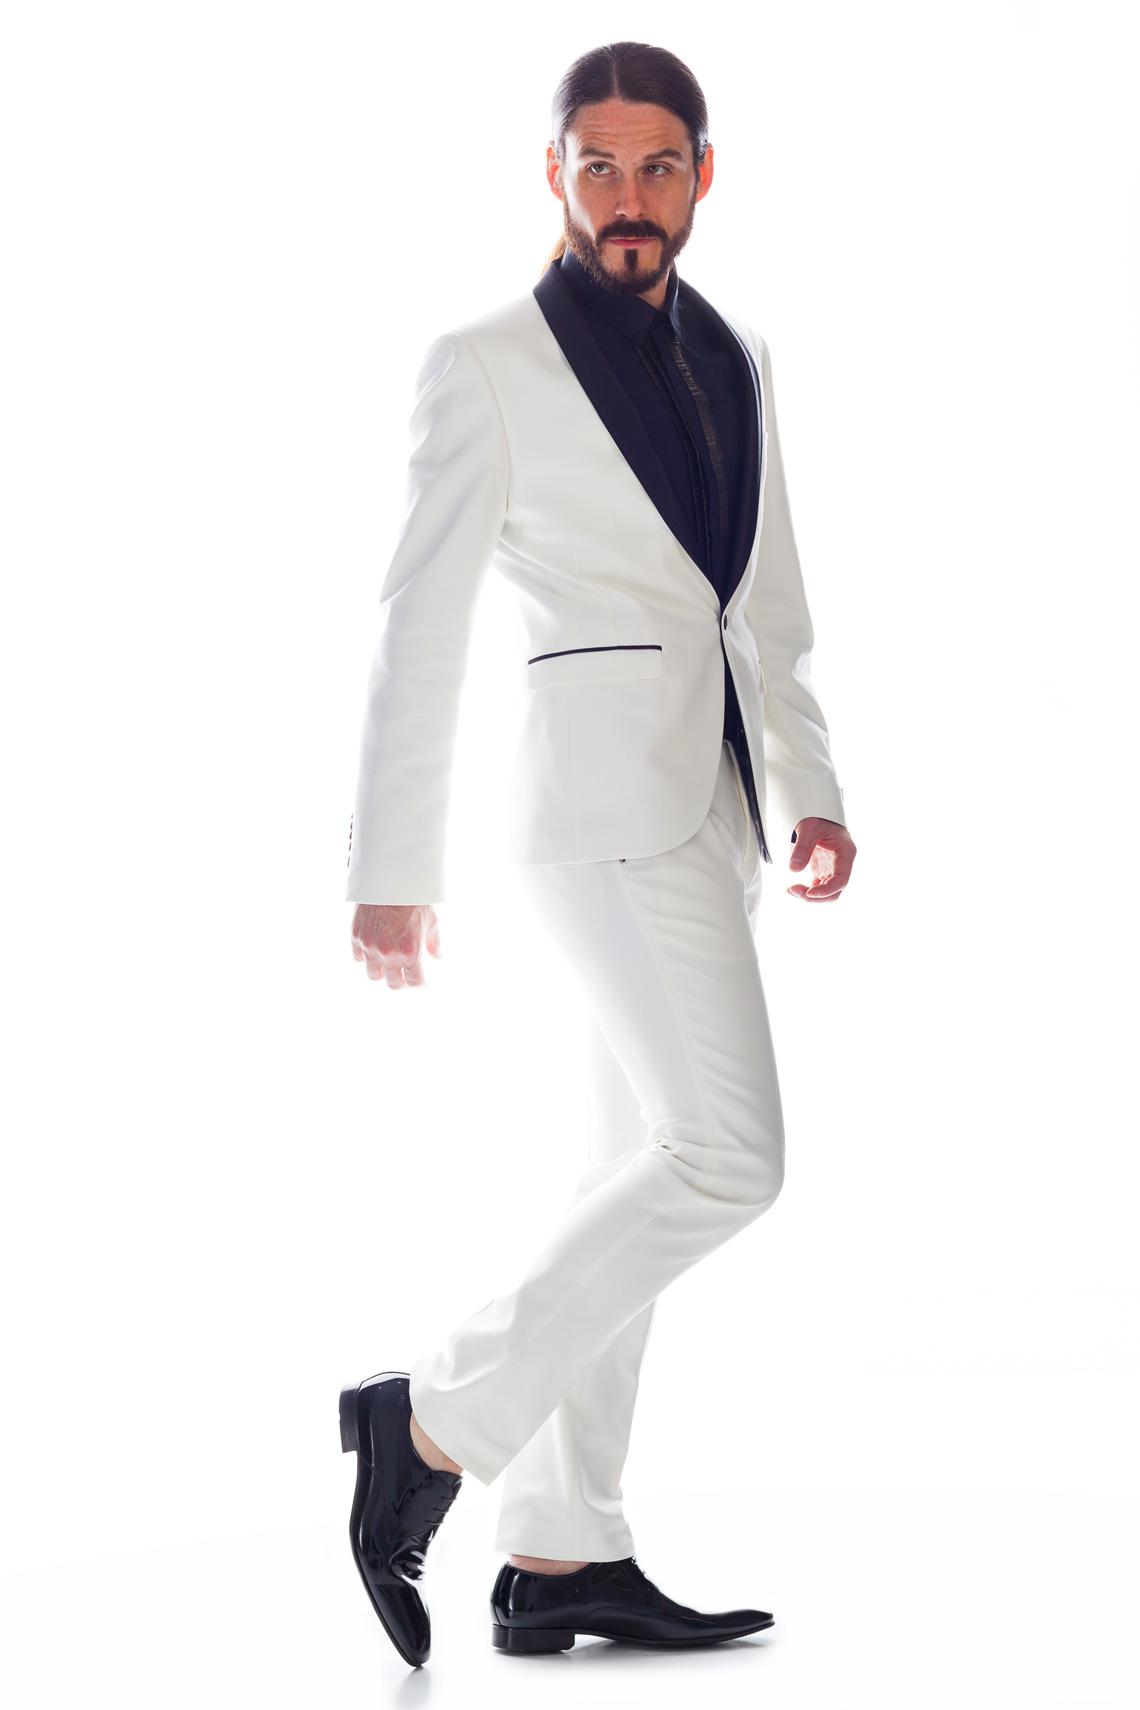 Kaisers neue Kleider | Page 6 of 6 | Malefashion- und Lifestyle-Blog